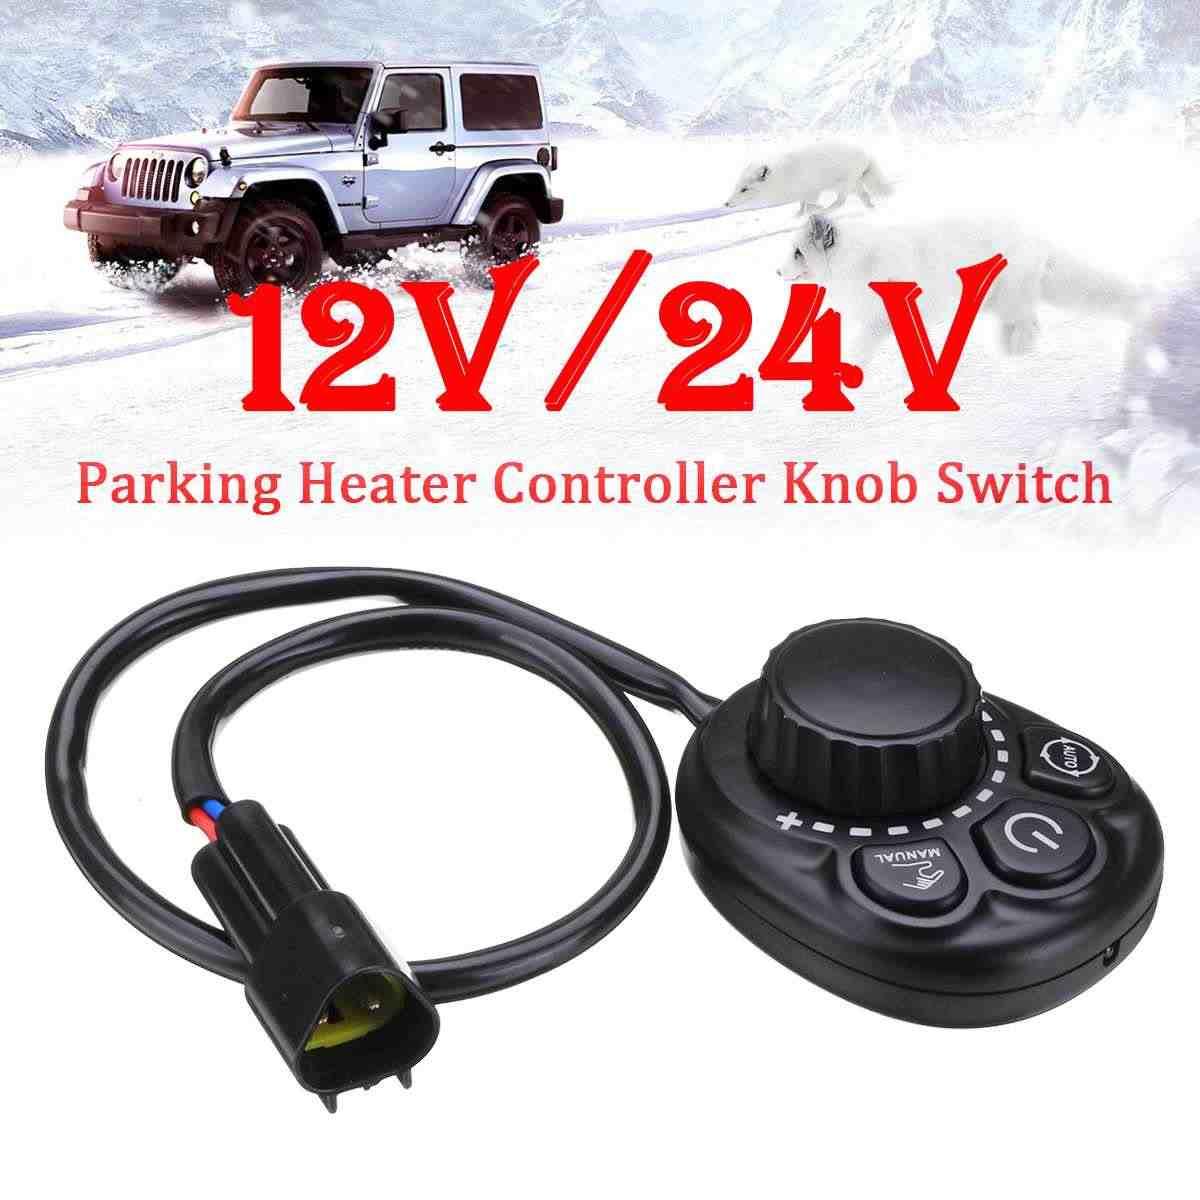 12 V/24 V Parkir Pemanas Controller Tombol Saklar untuk Truk Track Air Mesin Diesel Heater Perlengkapan